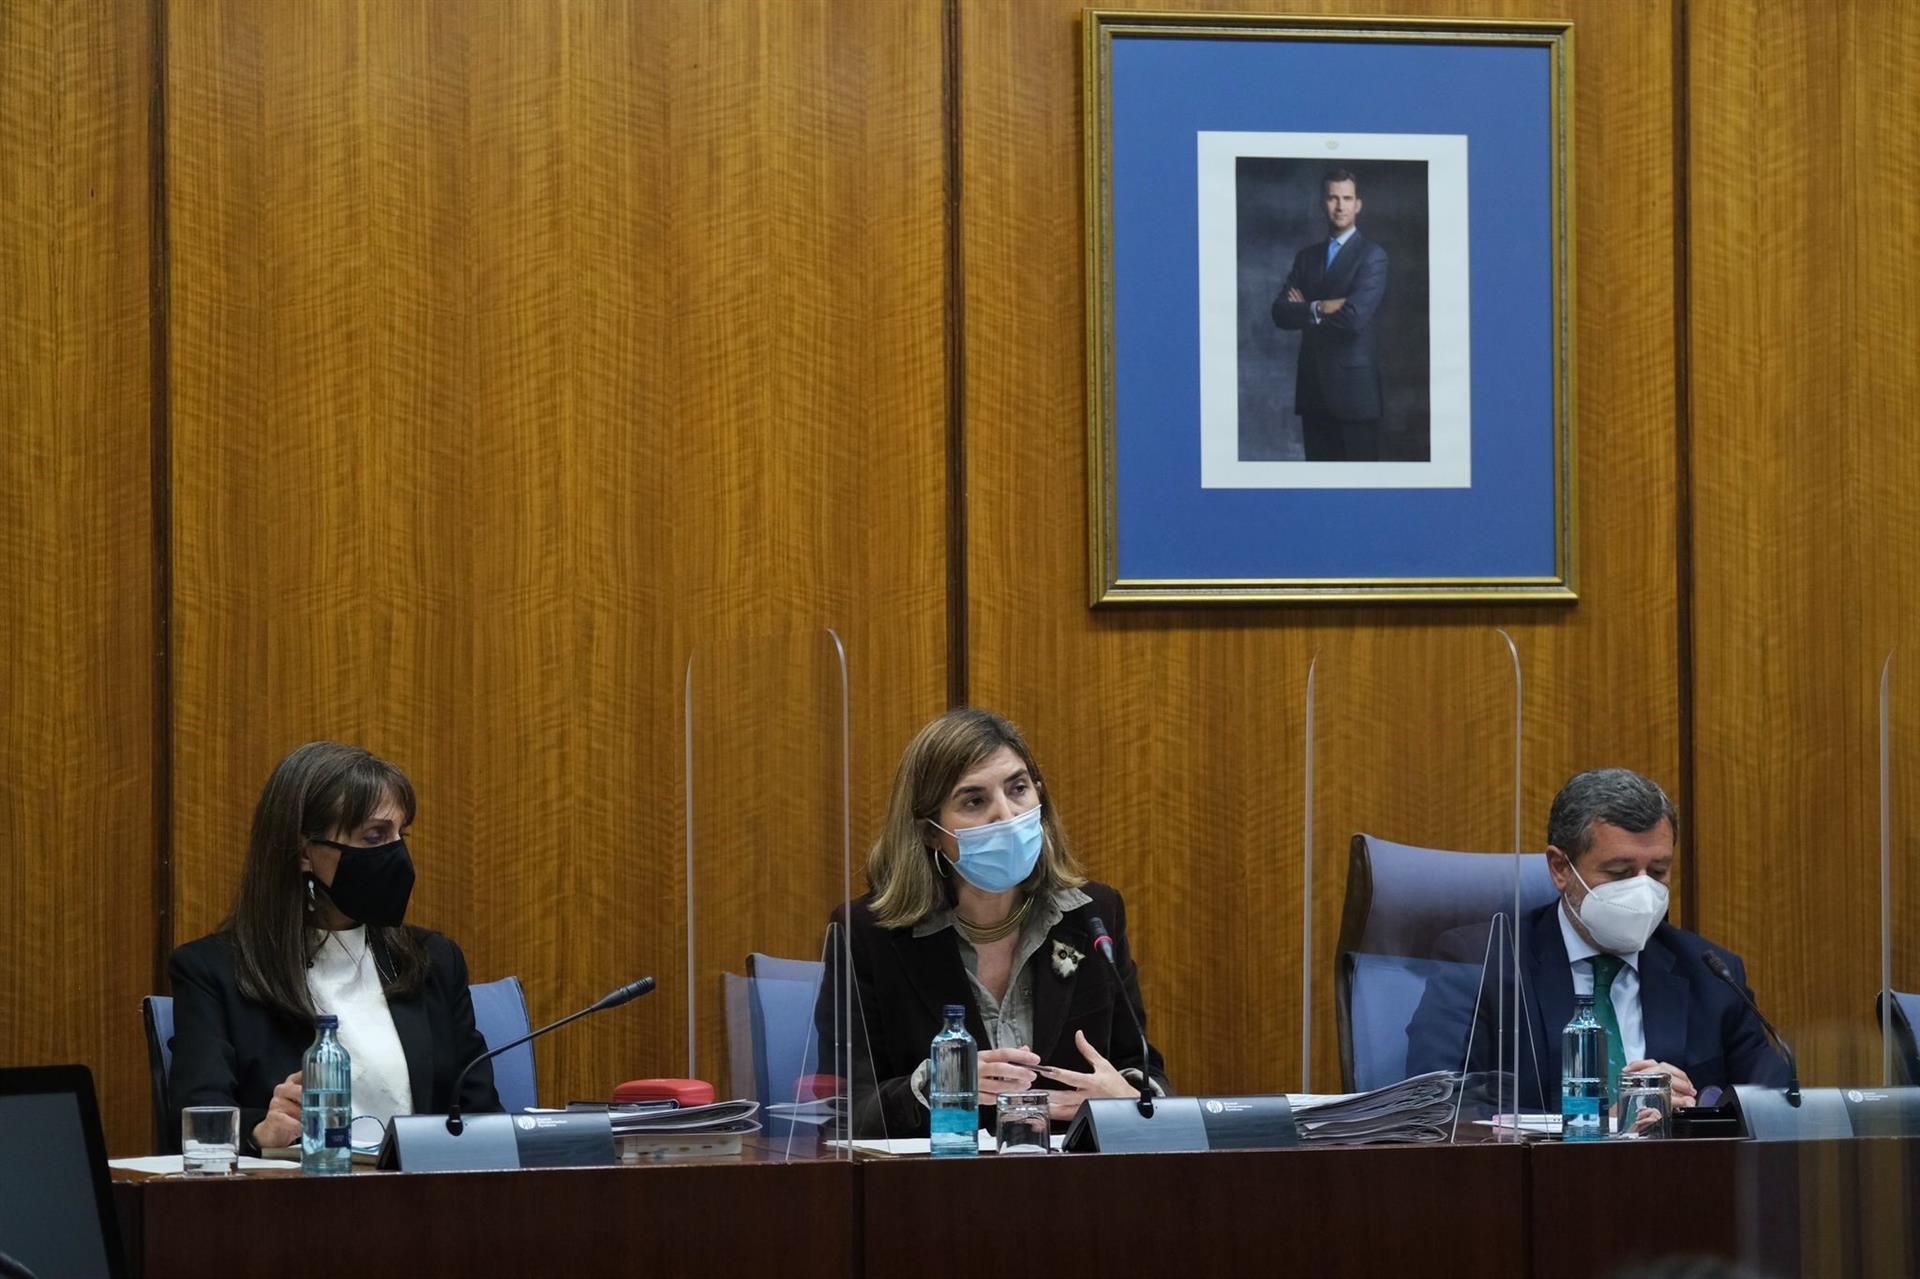 La Junta inicia la licitación de 7,3 millones para un programa de FP para el Empleo para menores de 30 años